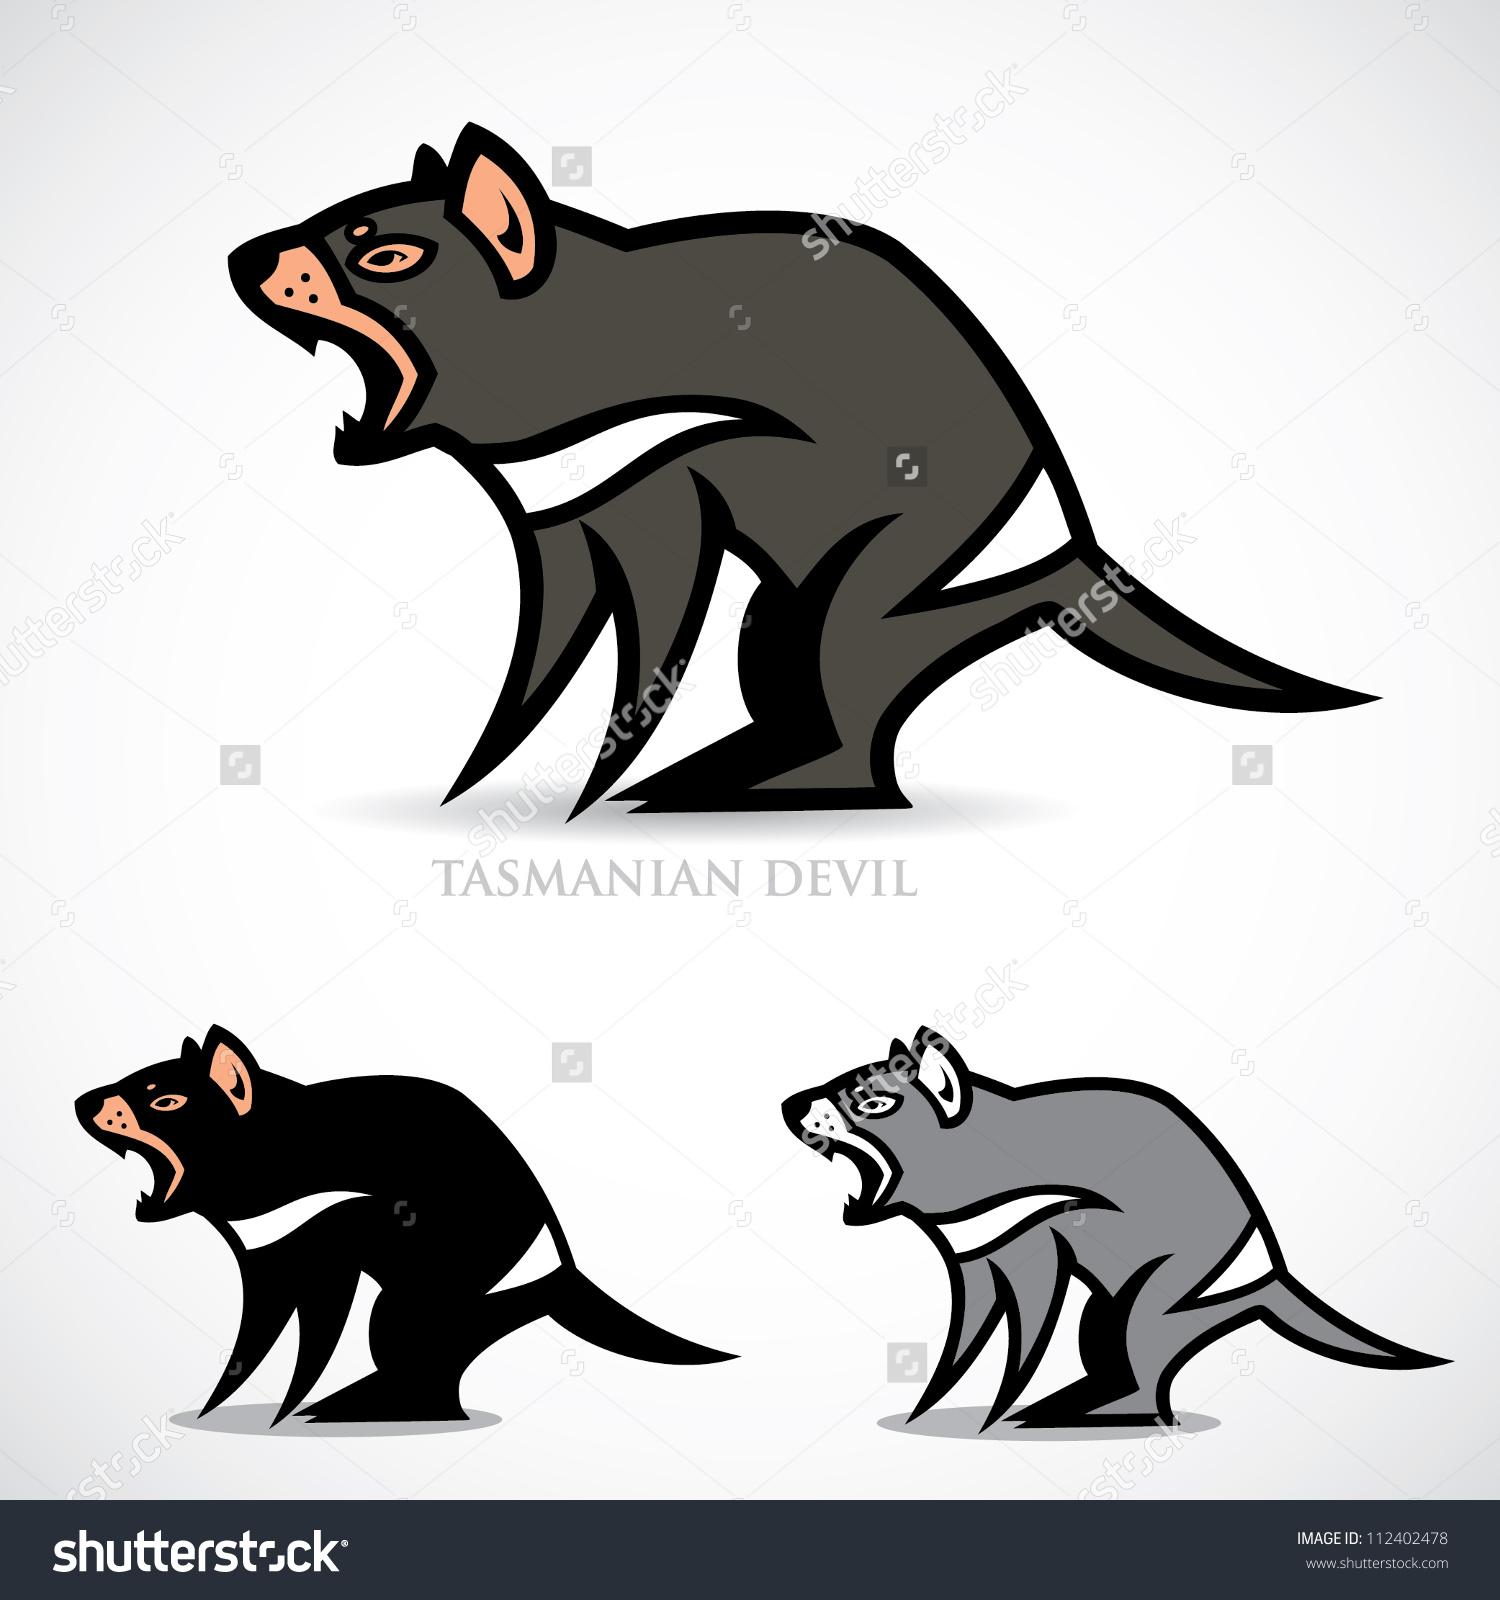 Tasmanian Devil - Vector Illustration-Tasmanian devil - vector illustration-17